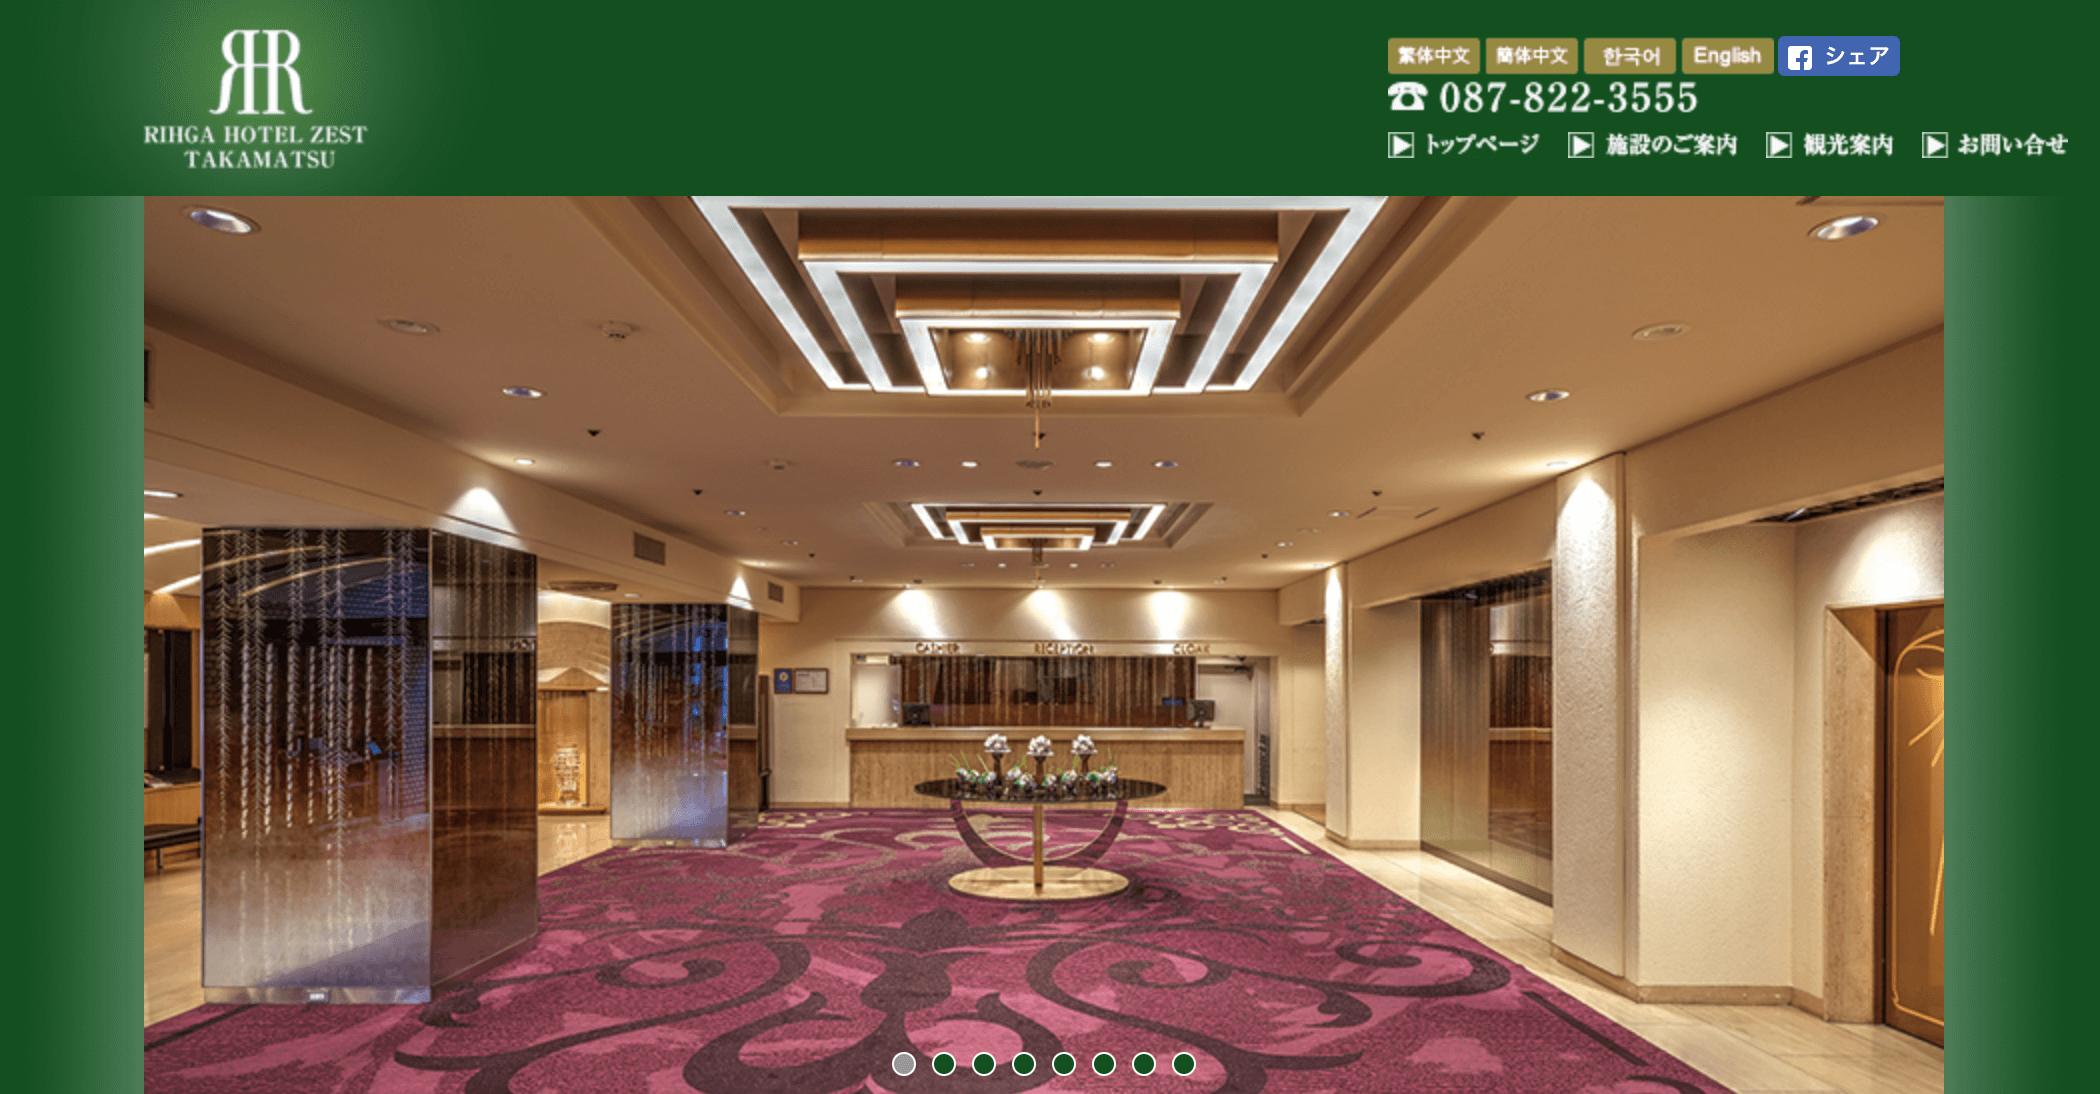 香川でパパ活におすすめなホテル「リーガホテルゼスト高松」